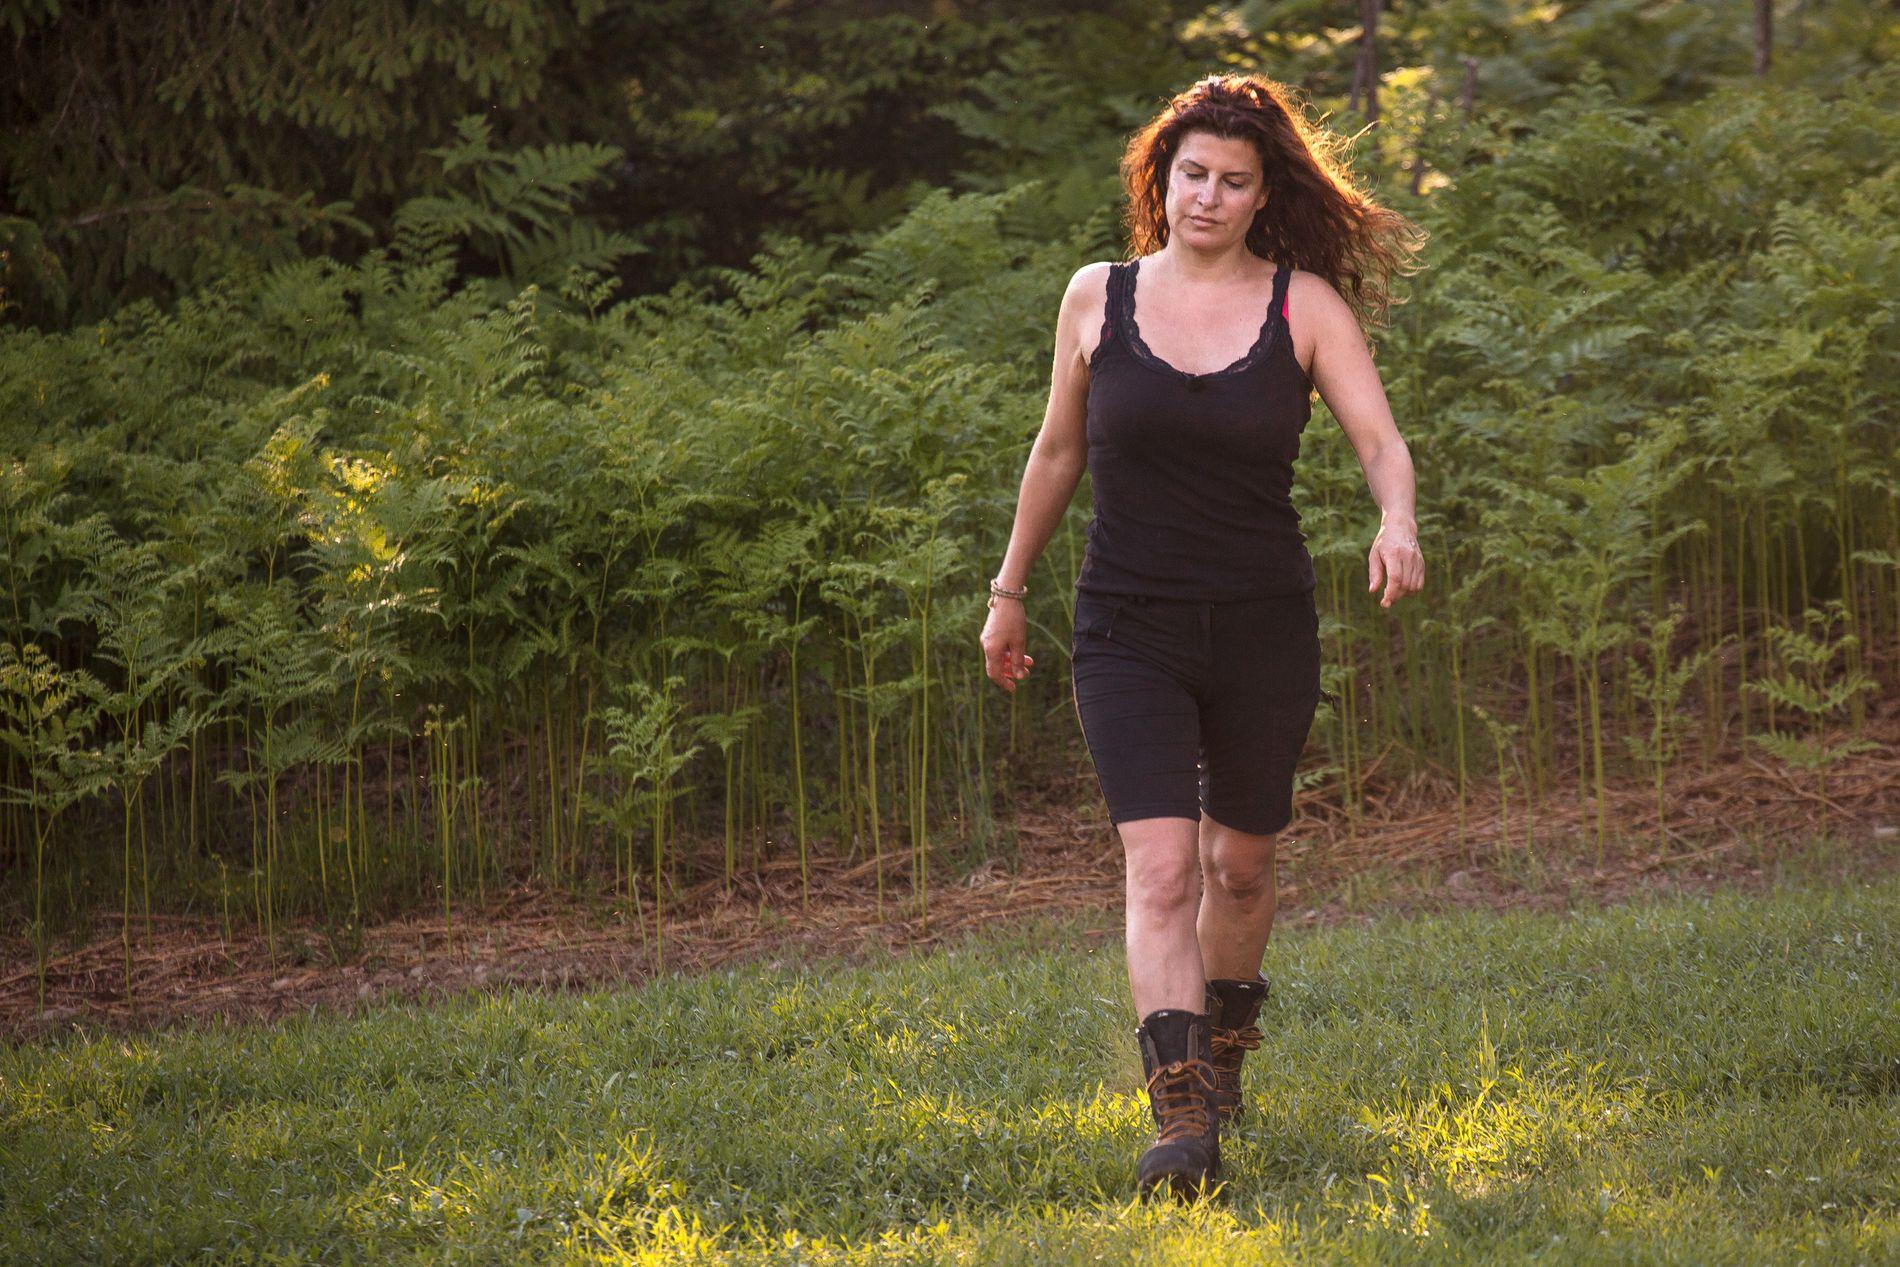 SLÅTT UT: Donna Ioanna spilte høyt da hun utfordret Kathrine Sørland i den første tvekampen i årets «Farmen kjendis» - og tapte. Dermed måtte hun forlate gården, men får en ny sjanse på «Torpet kjendis».